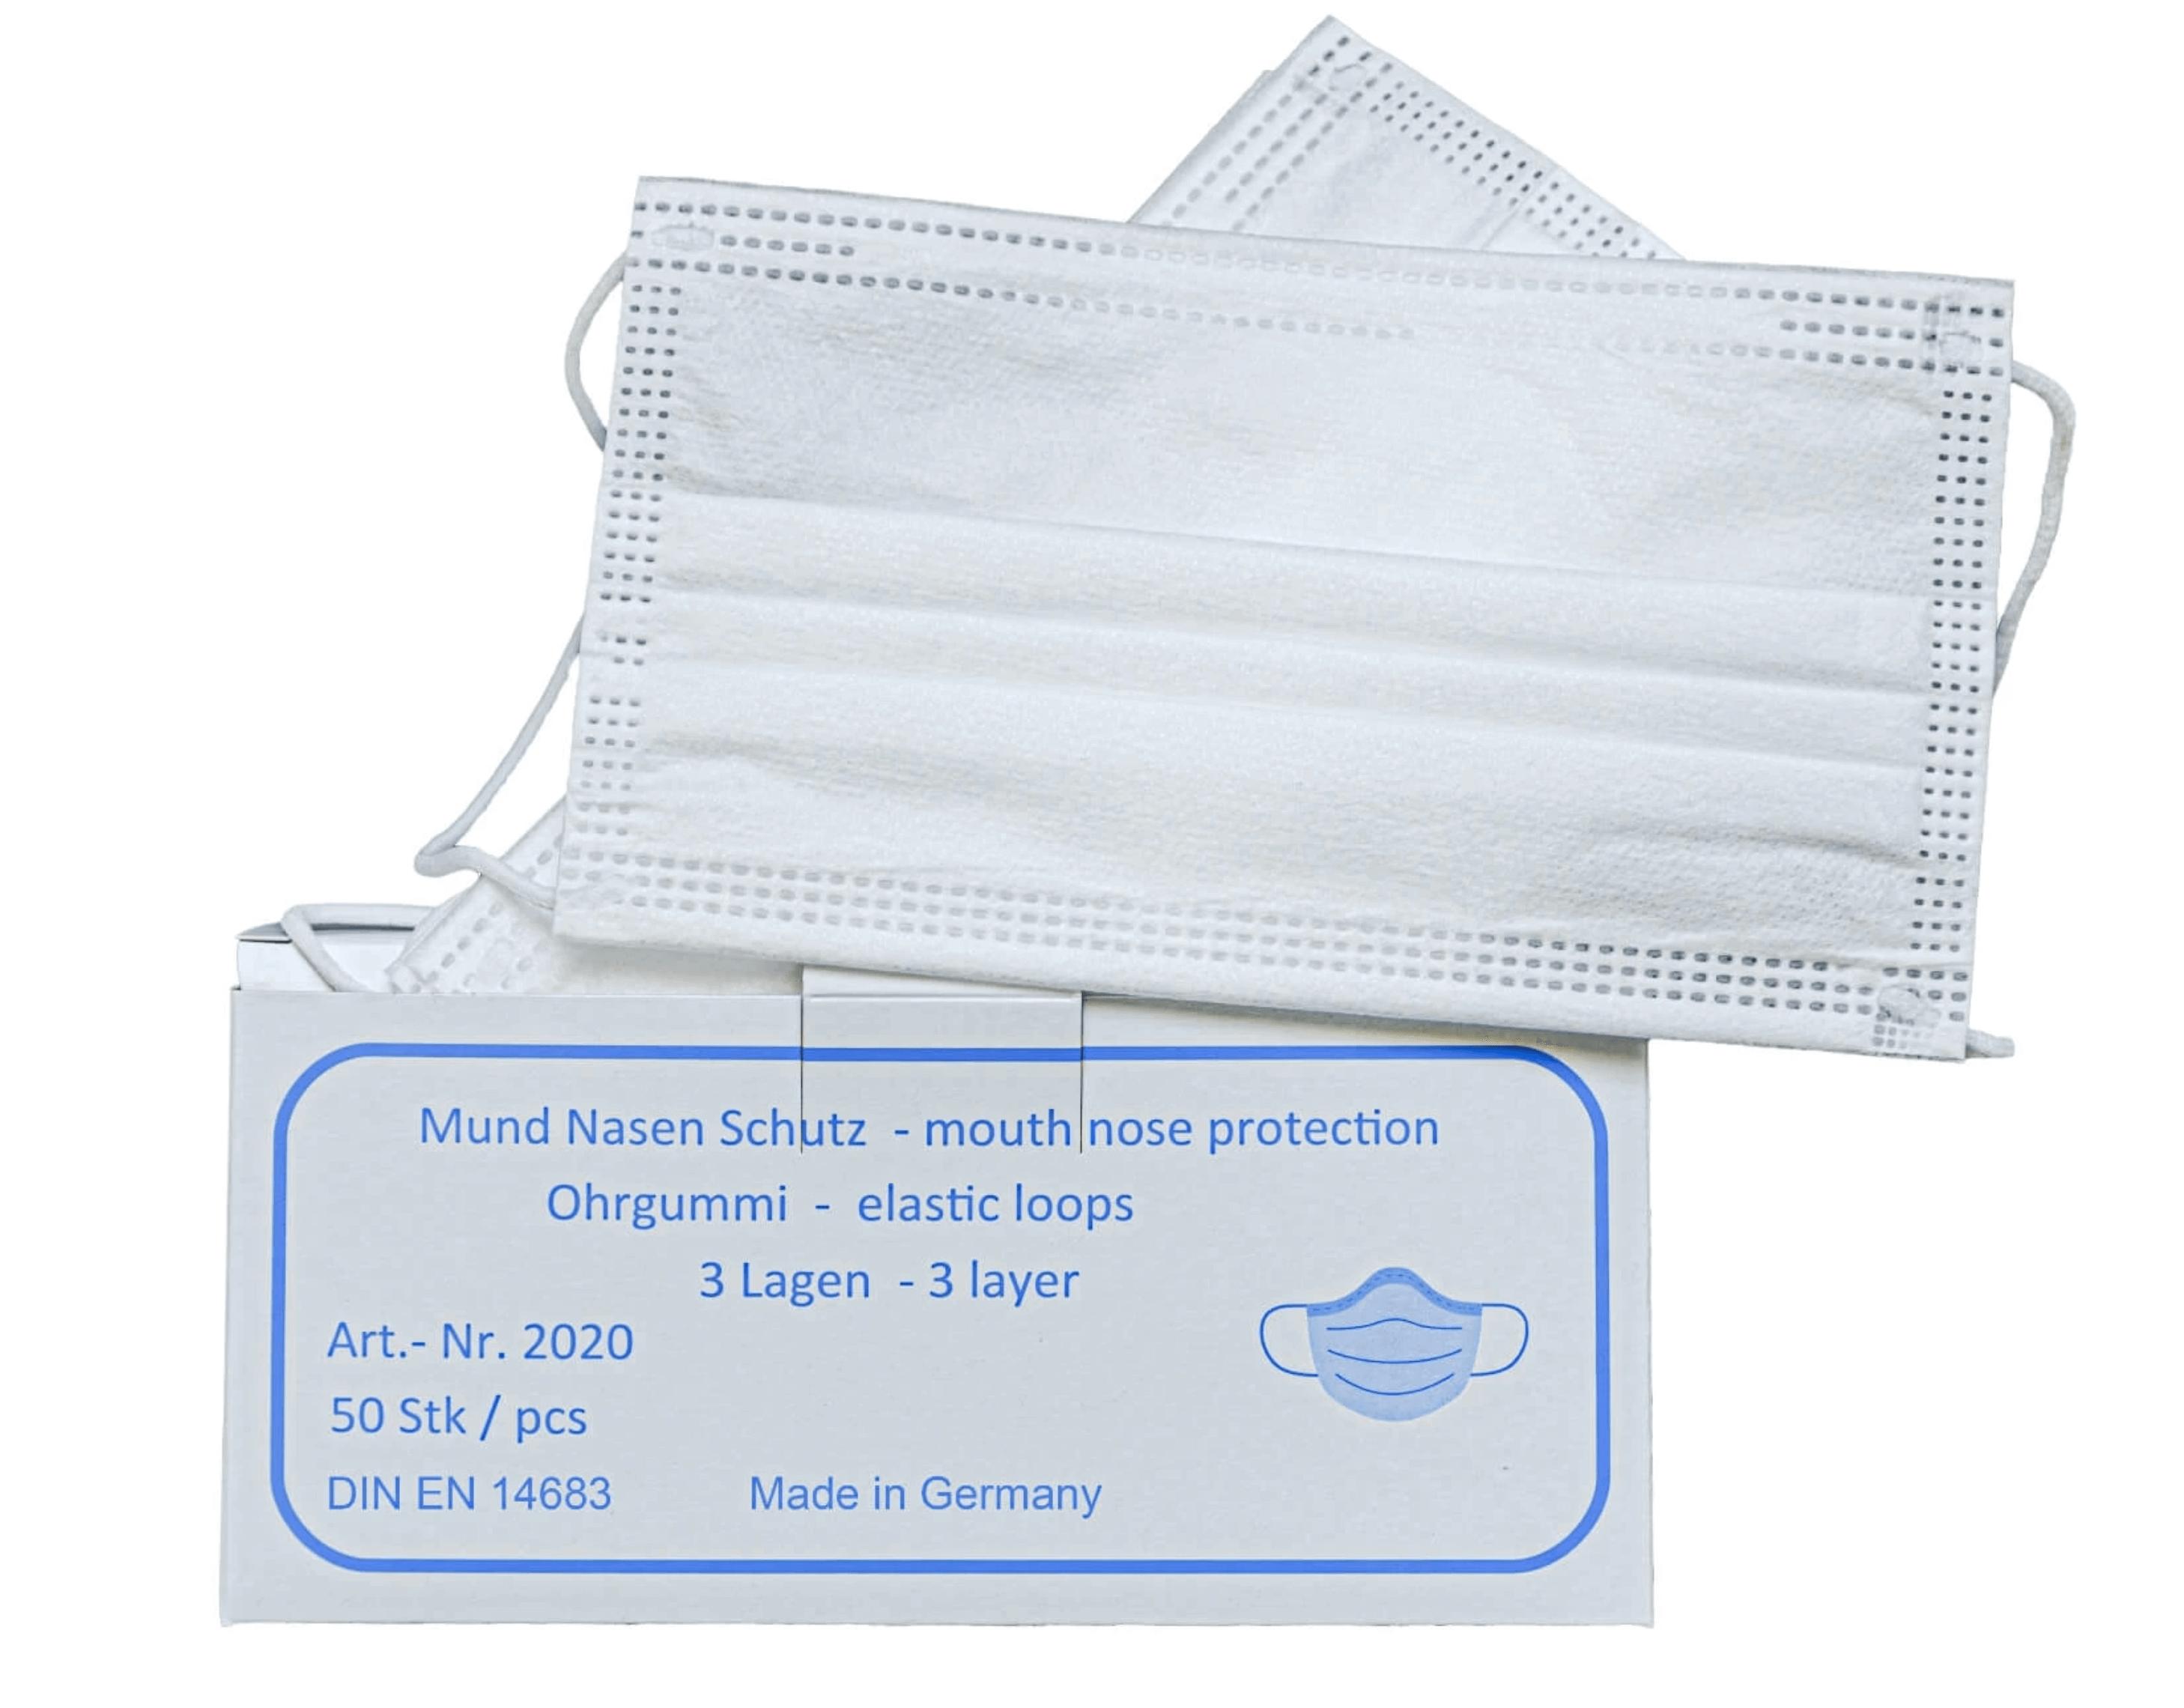 Einwegmasken aus Vliesstoff made in Germany - geprüft nach DIN EN 14683 Typ IIR